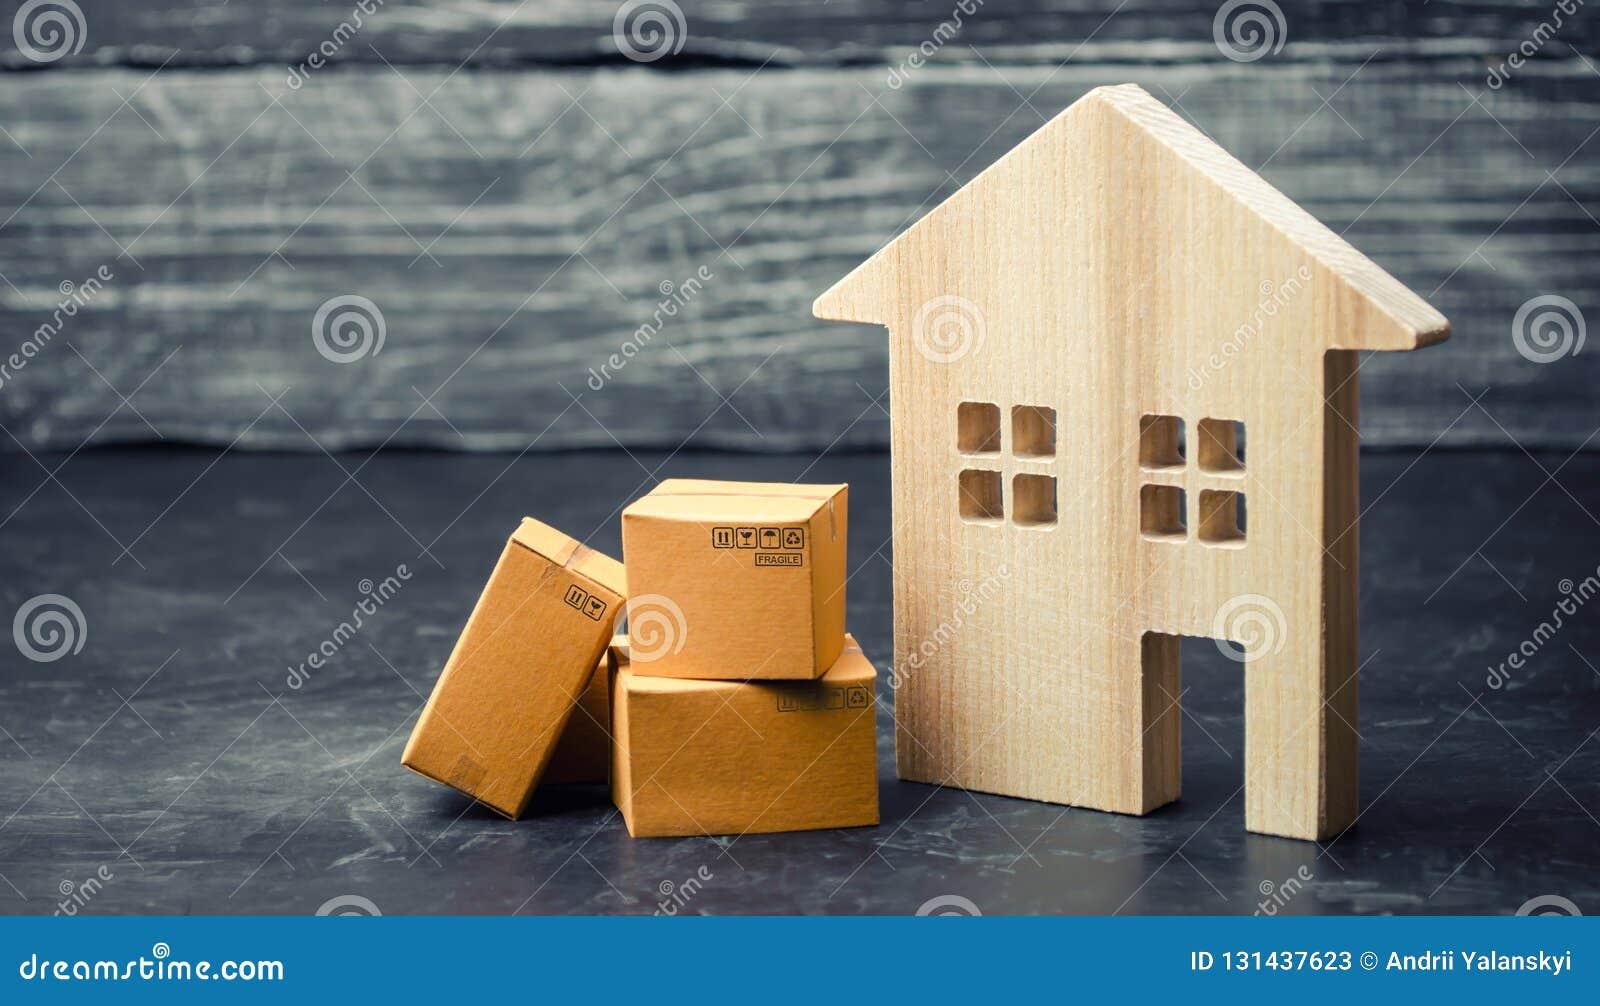 在房子附近的纸板箱 搬到另一个房子,拆迁的概念 物产和物品的运输